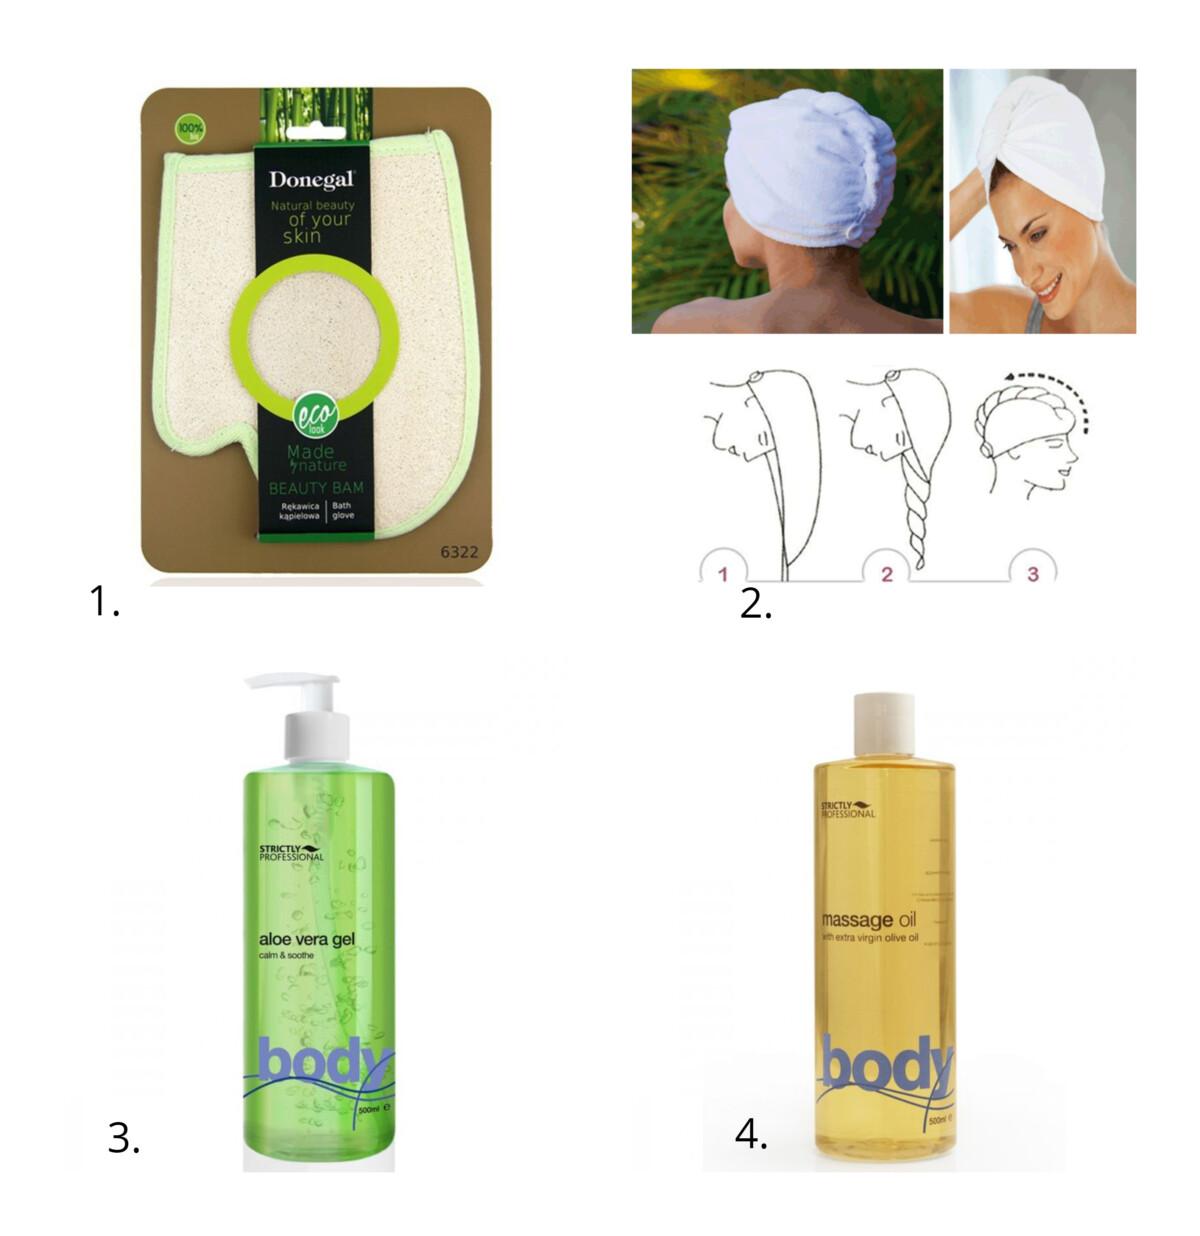 bodygreen-shopping-innkjøp-tingogtang-produkter-grønneprodukter-økologisk-eco-isalicious1-isalicious-isalicious.blogg.no-blogger-anbefaler-tipser-tips-hudpleie-negler-duftlys-ansiktsroller-organisering